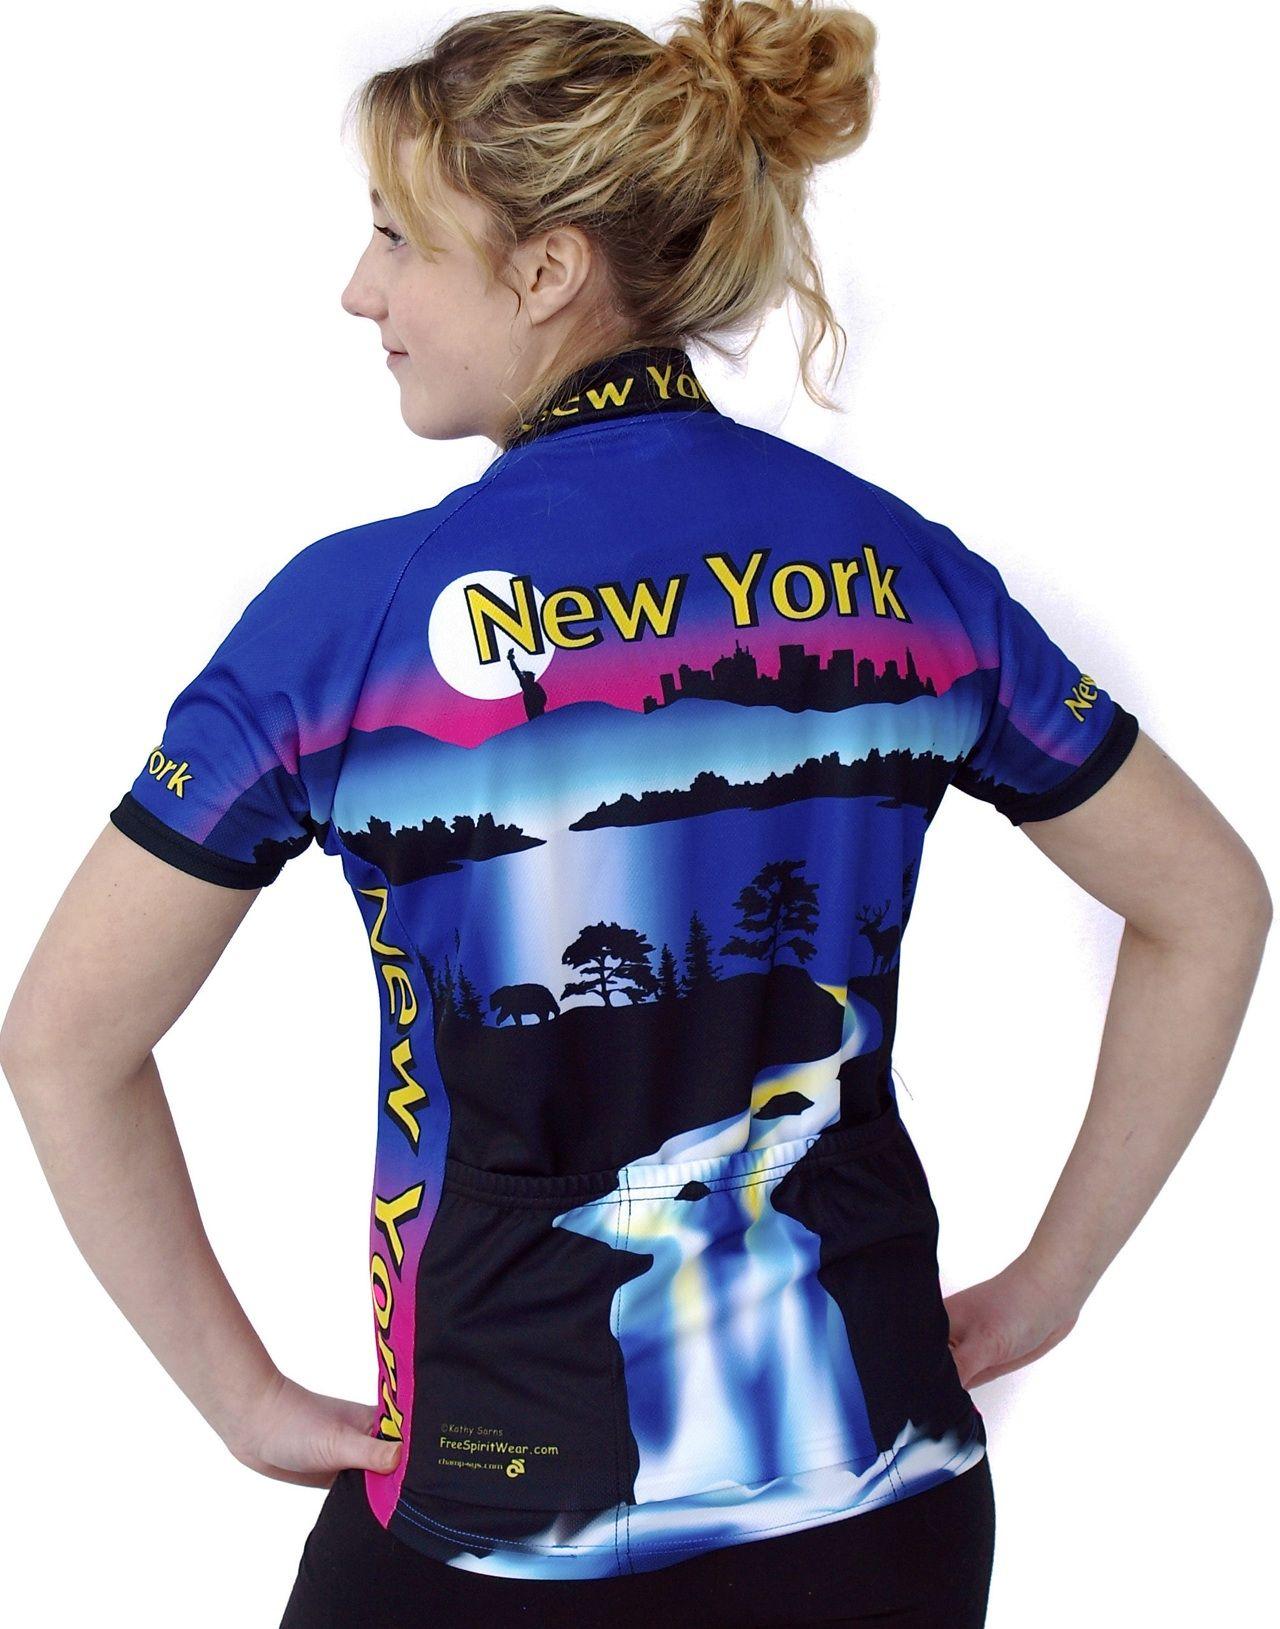 New York Women's Bike Jersey Bike jersey women, Women's